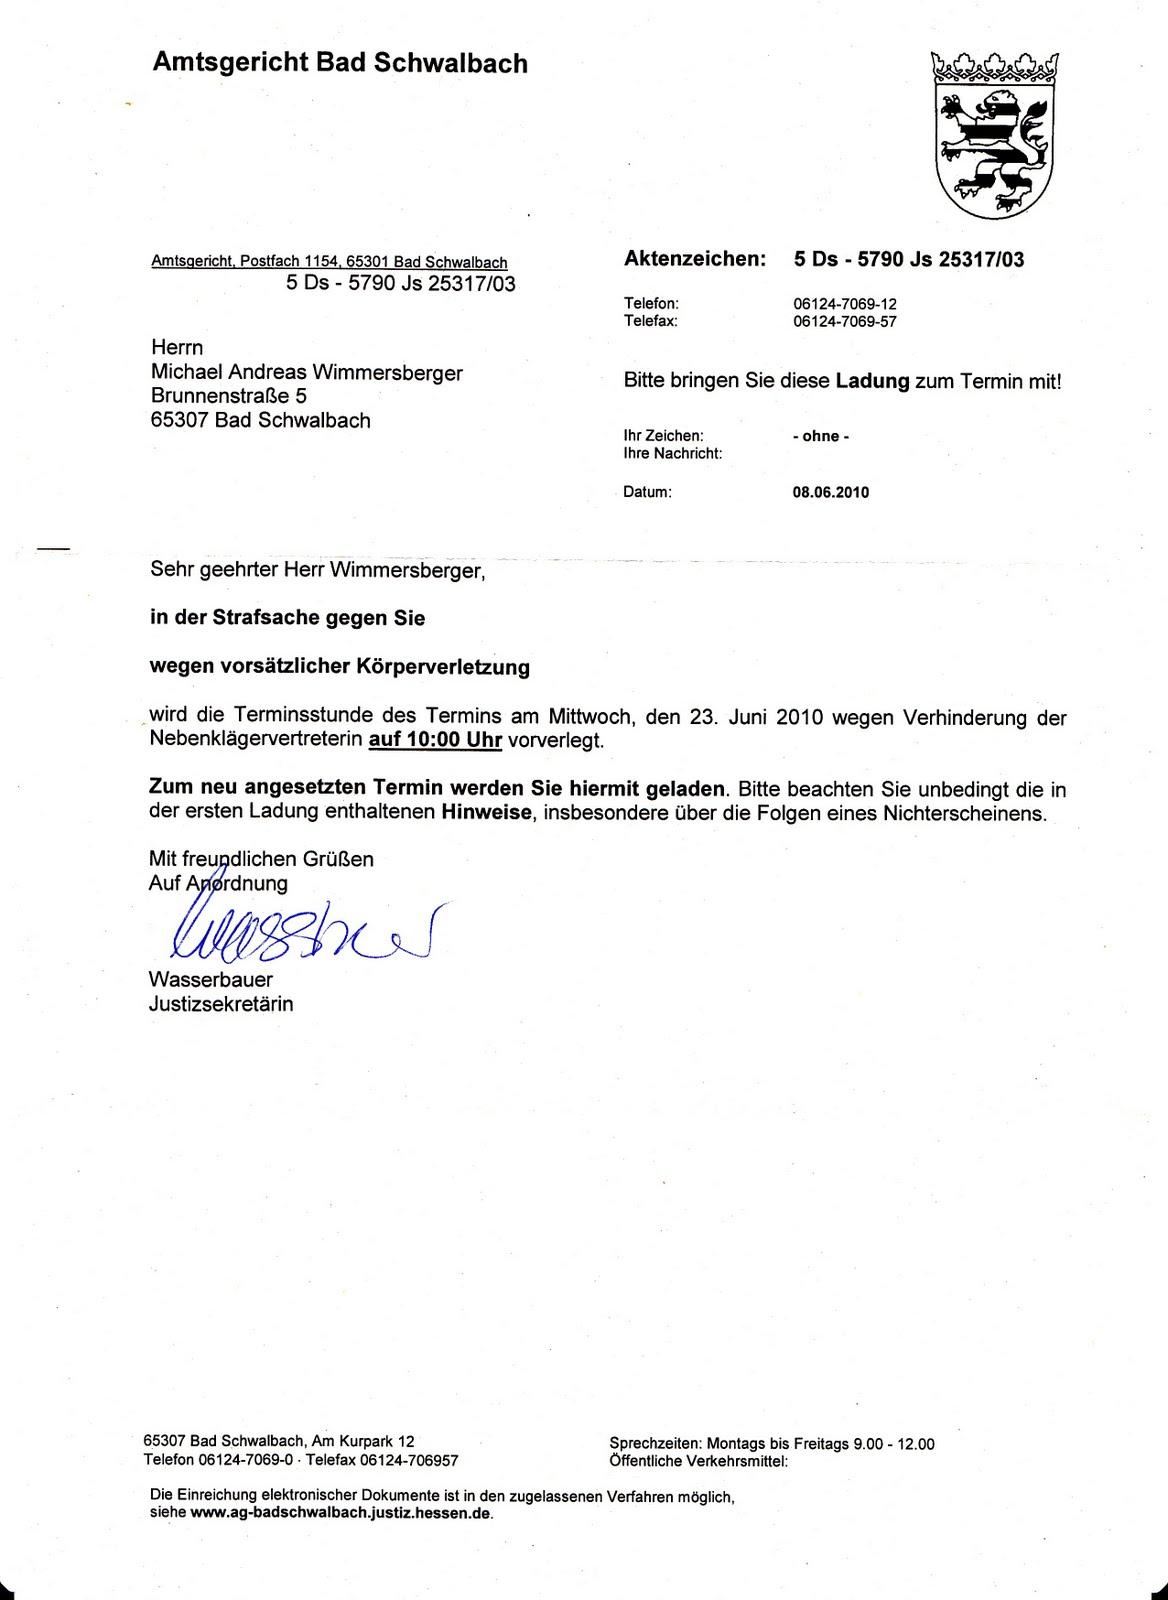 Folter Durch Scheinverfahren Scheinverfahren Ag Bad Schwalbach Und